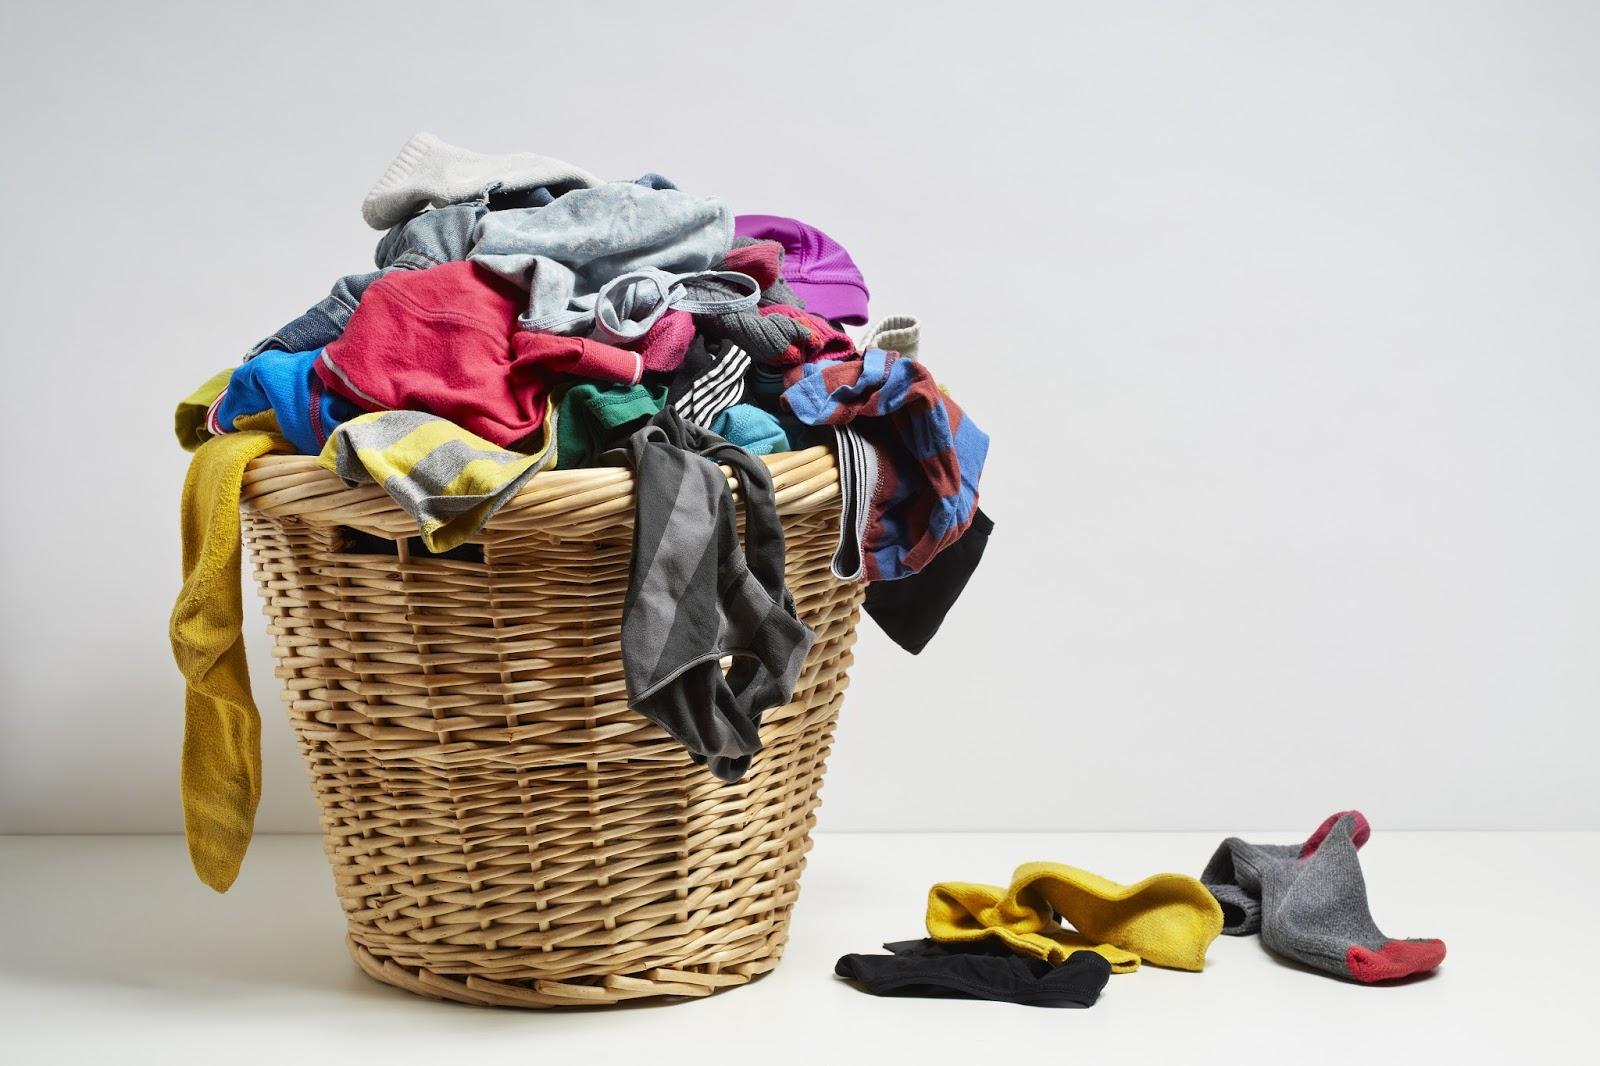 4 sai lầm ai cũng mắc phải khi giặt đồ lót khiến vùng kín dễ bị nhiễm bệnh hơn - Ảnh 1.